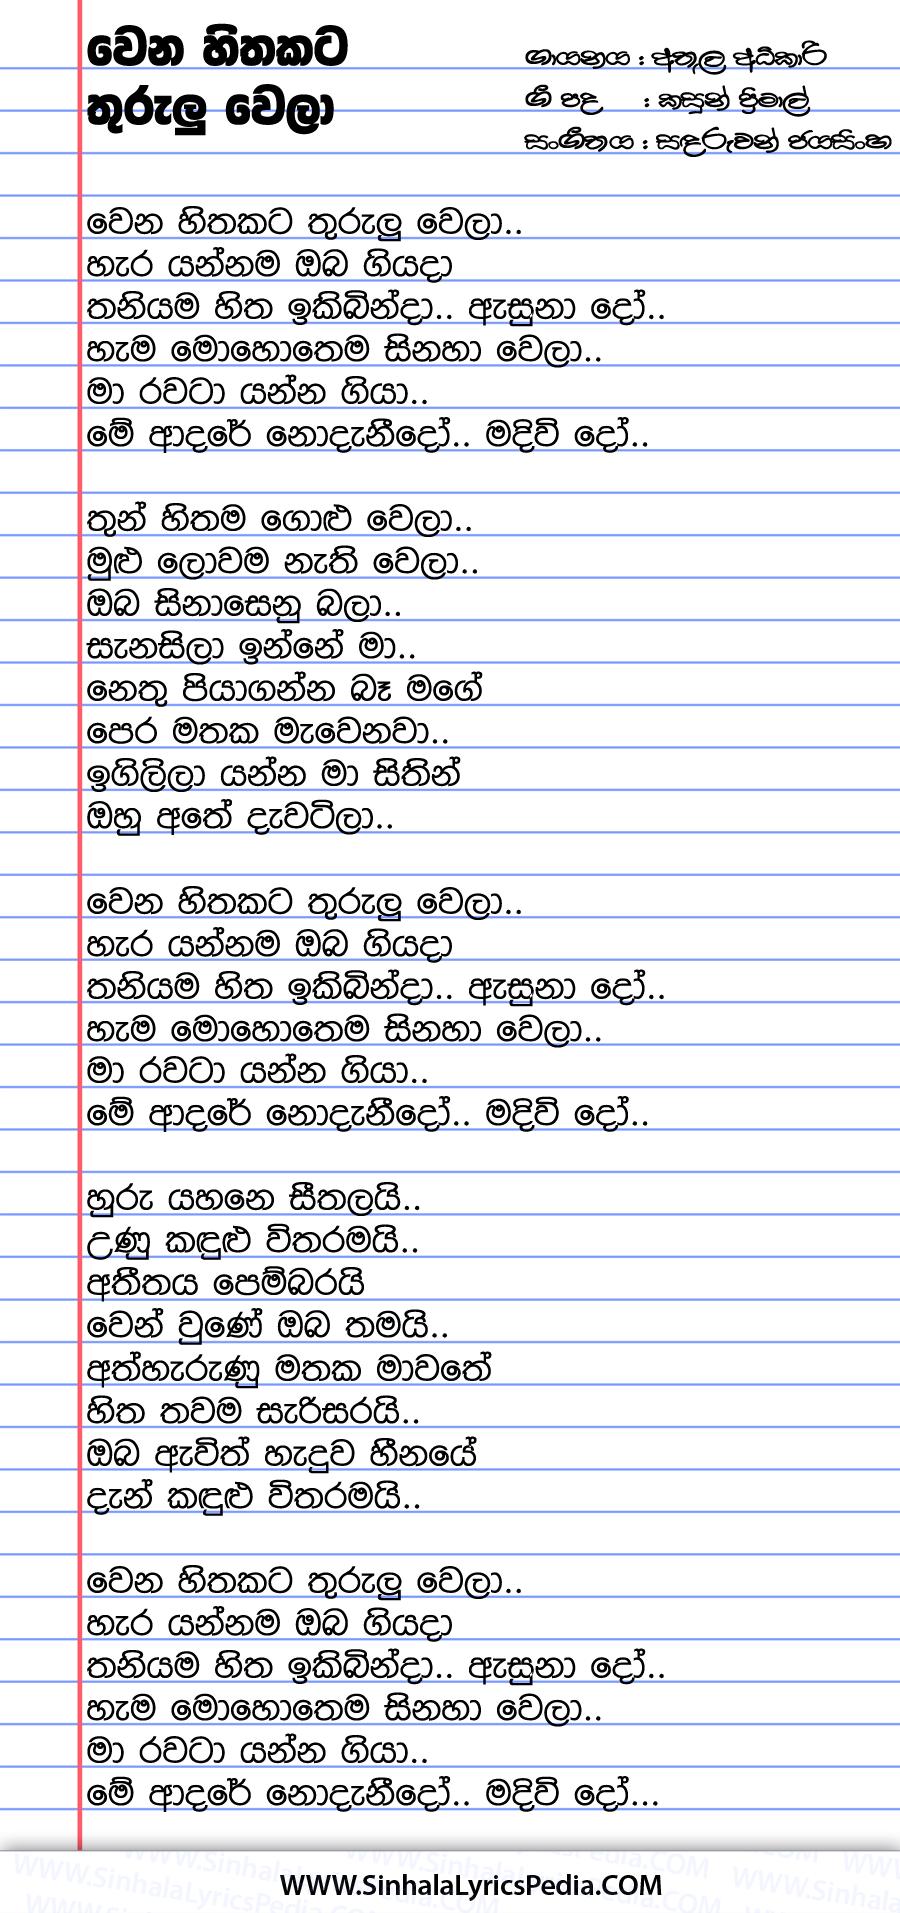 Wena Hithakata Thurulu Wela Song Lyrics